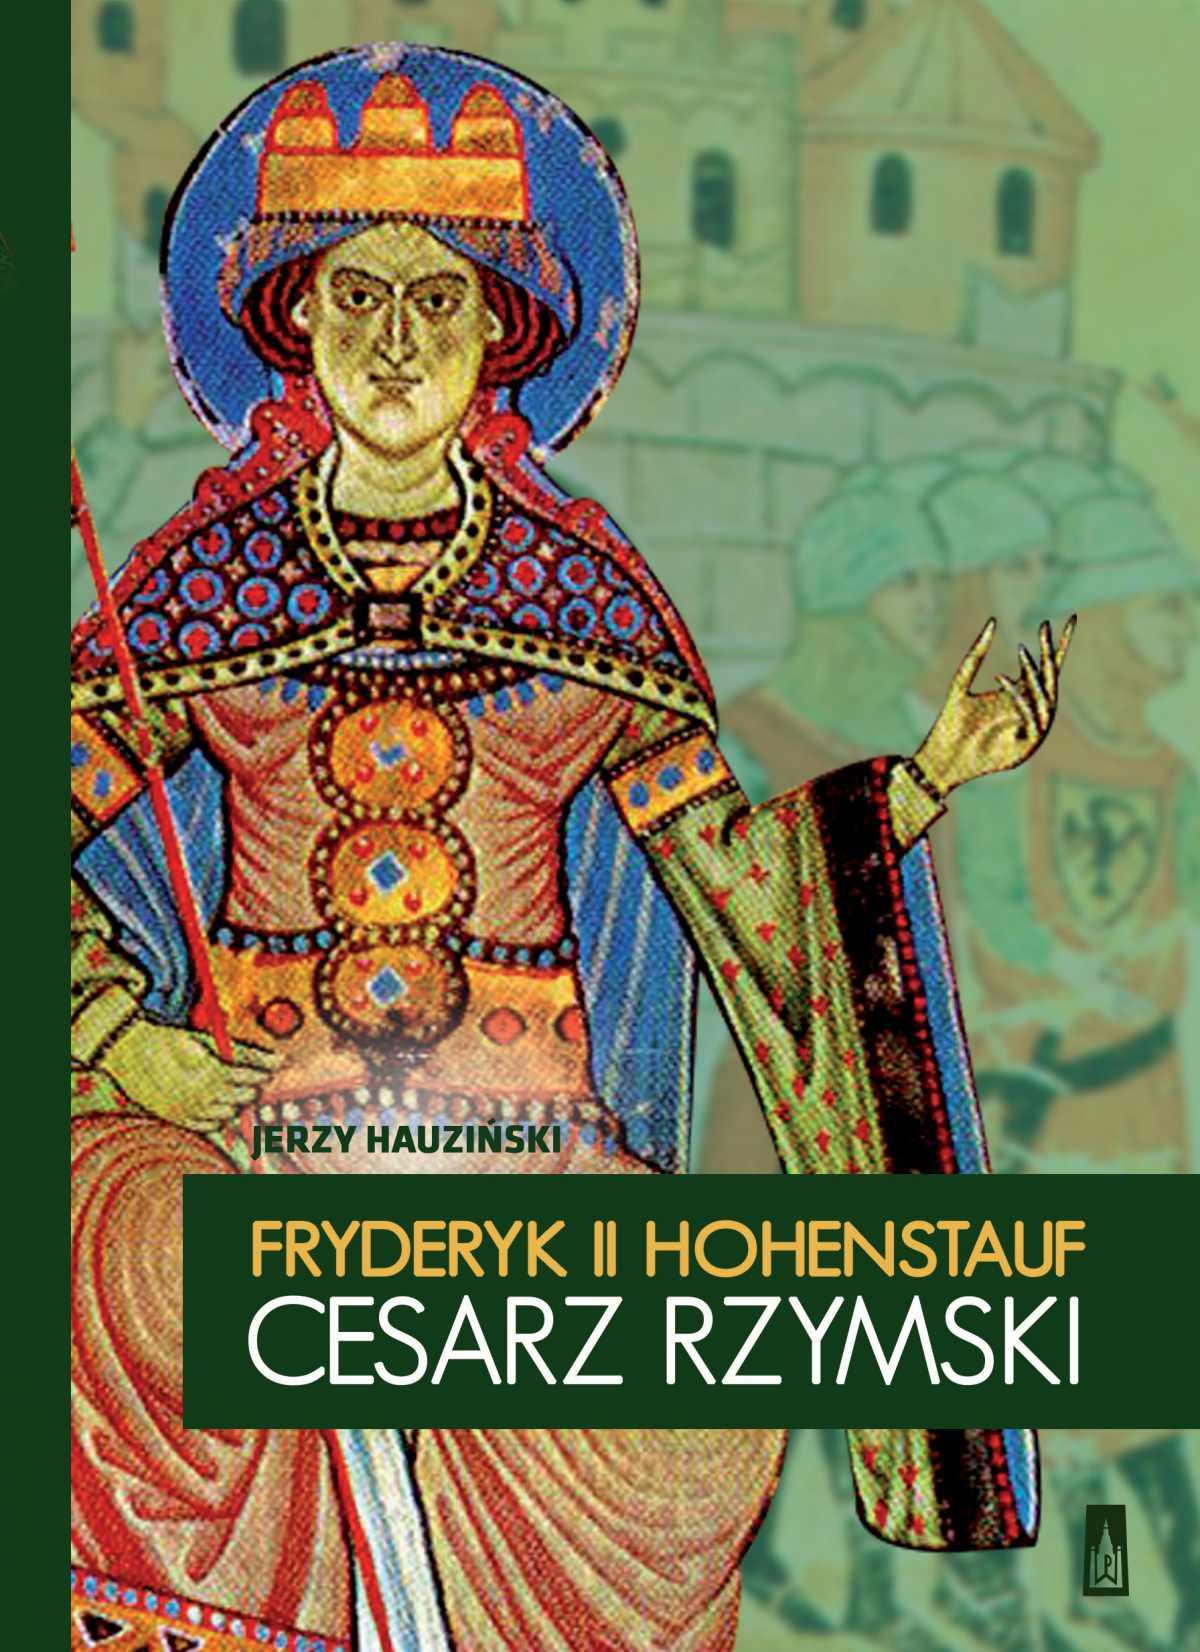 Fryderyk II Hohenstauf cesarz rzymski - Ebook (Książka na Kindle) do pobrania w formacie MOBI